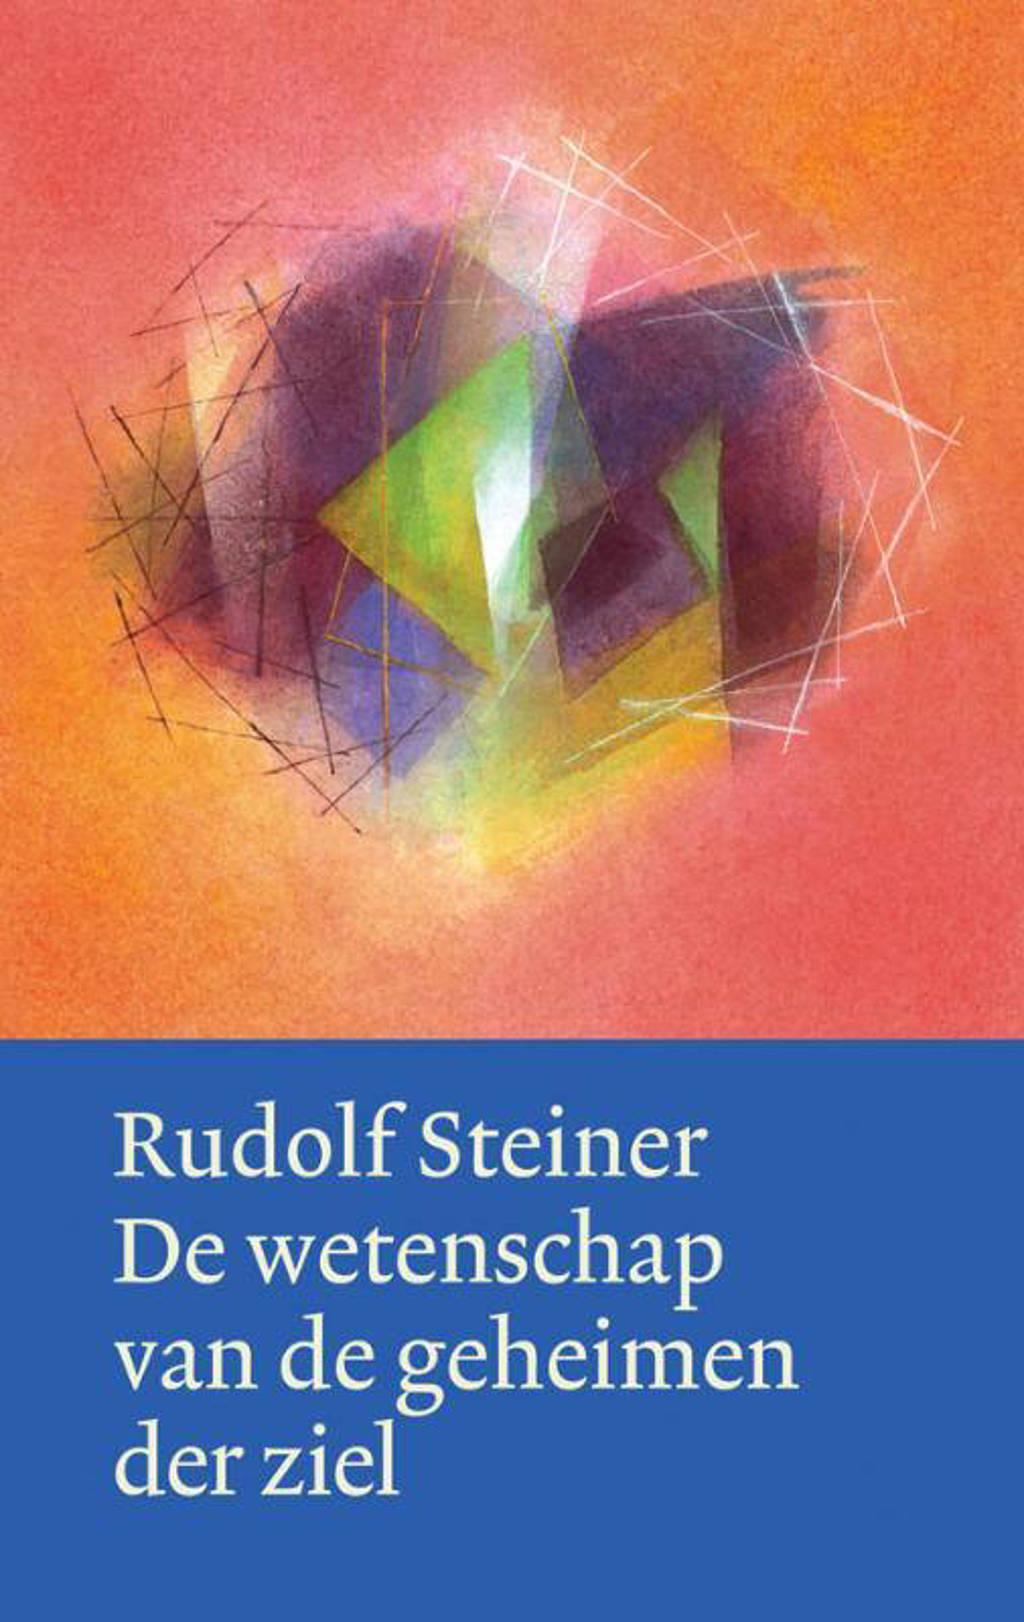 Werken en voordrachten: De wetenschap van de geheimen der ziel - Rudolf Steiner